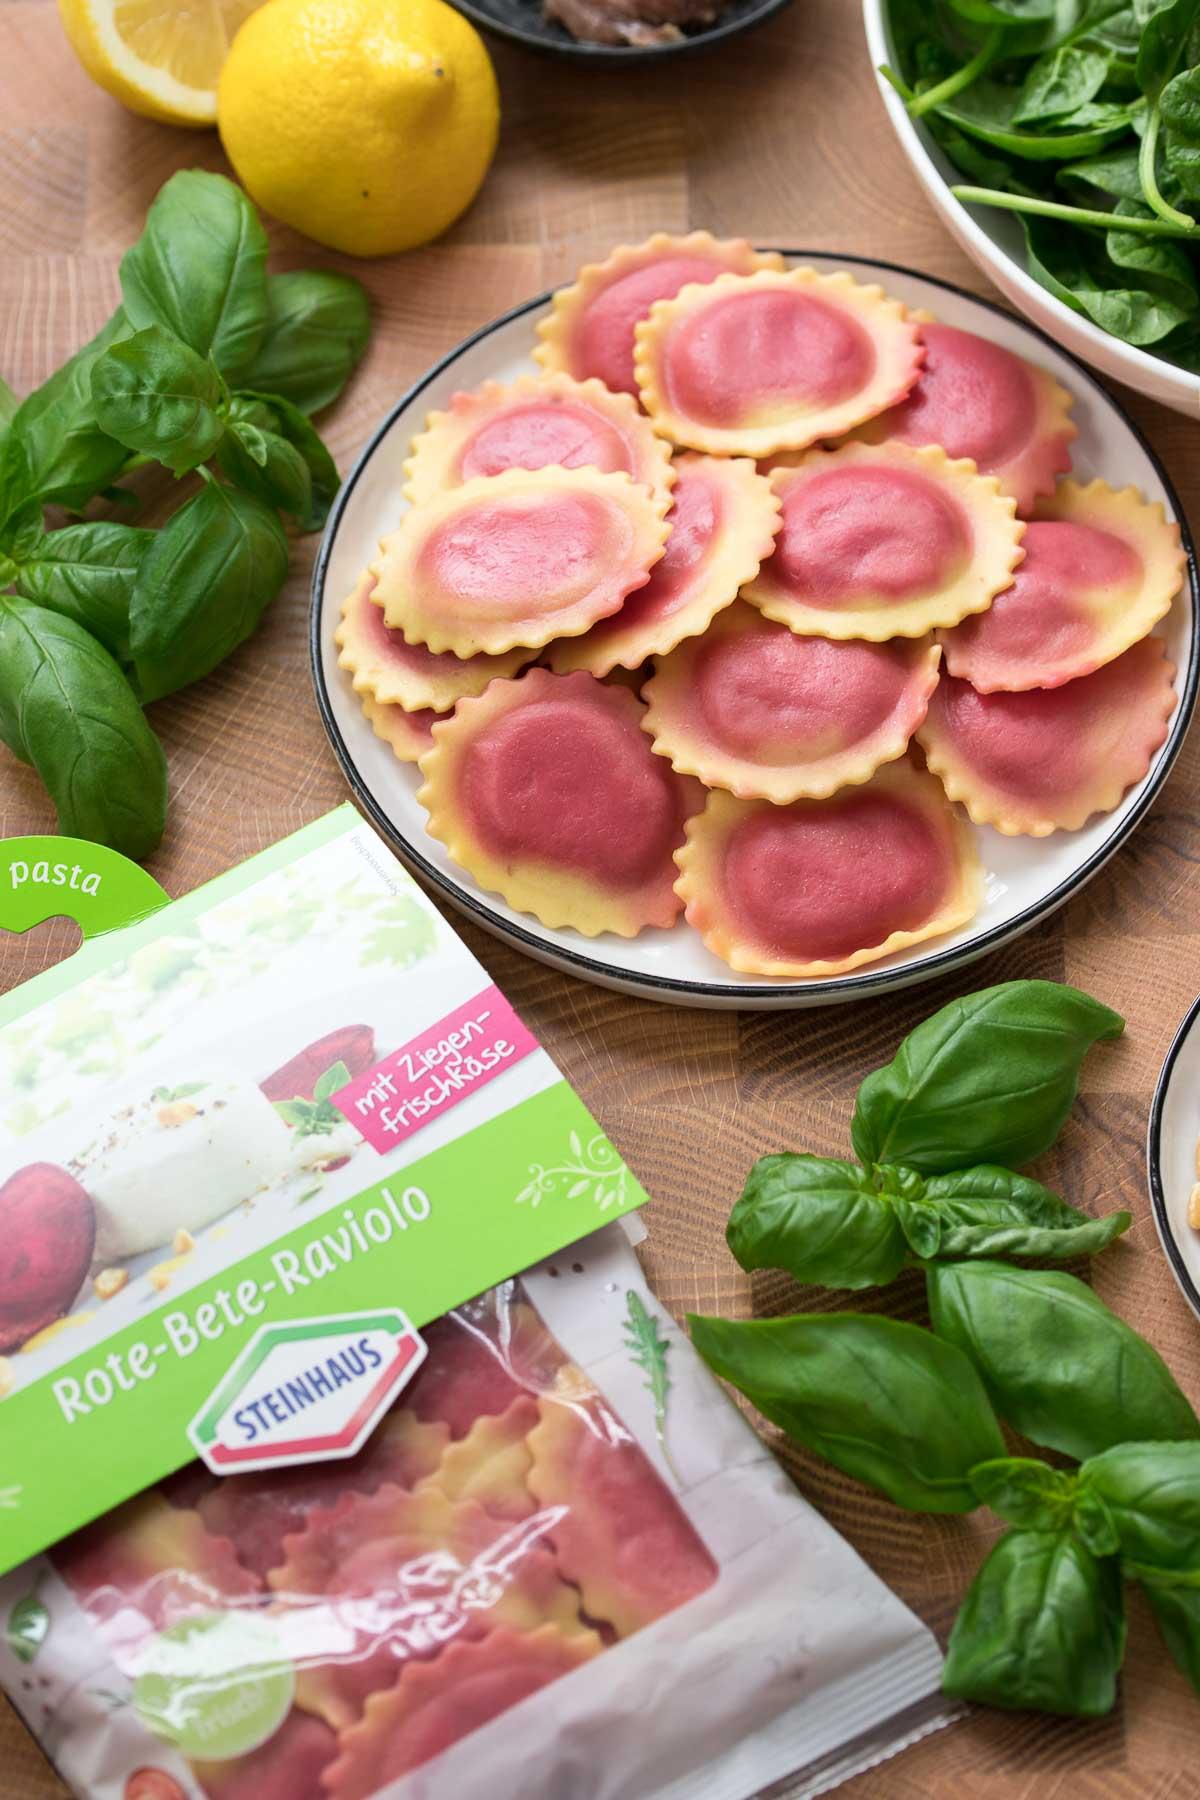 Rote‐Bete‐Raviolo von Steinhaus mit Spinat-Pesto Zutaten, Werbung